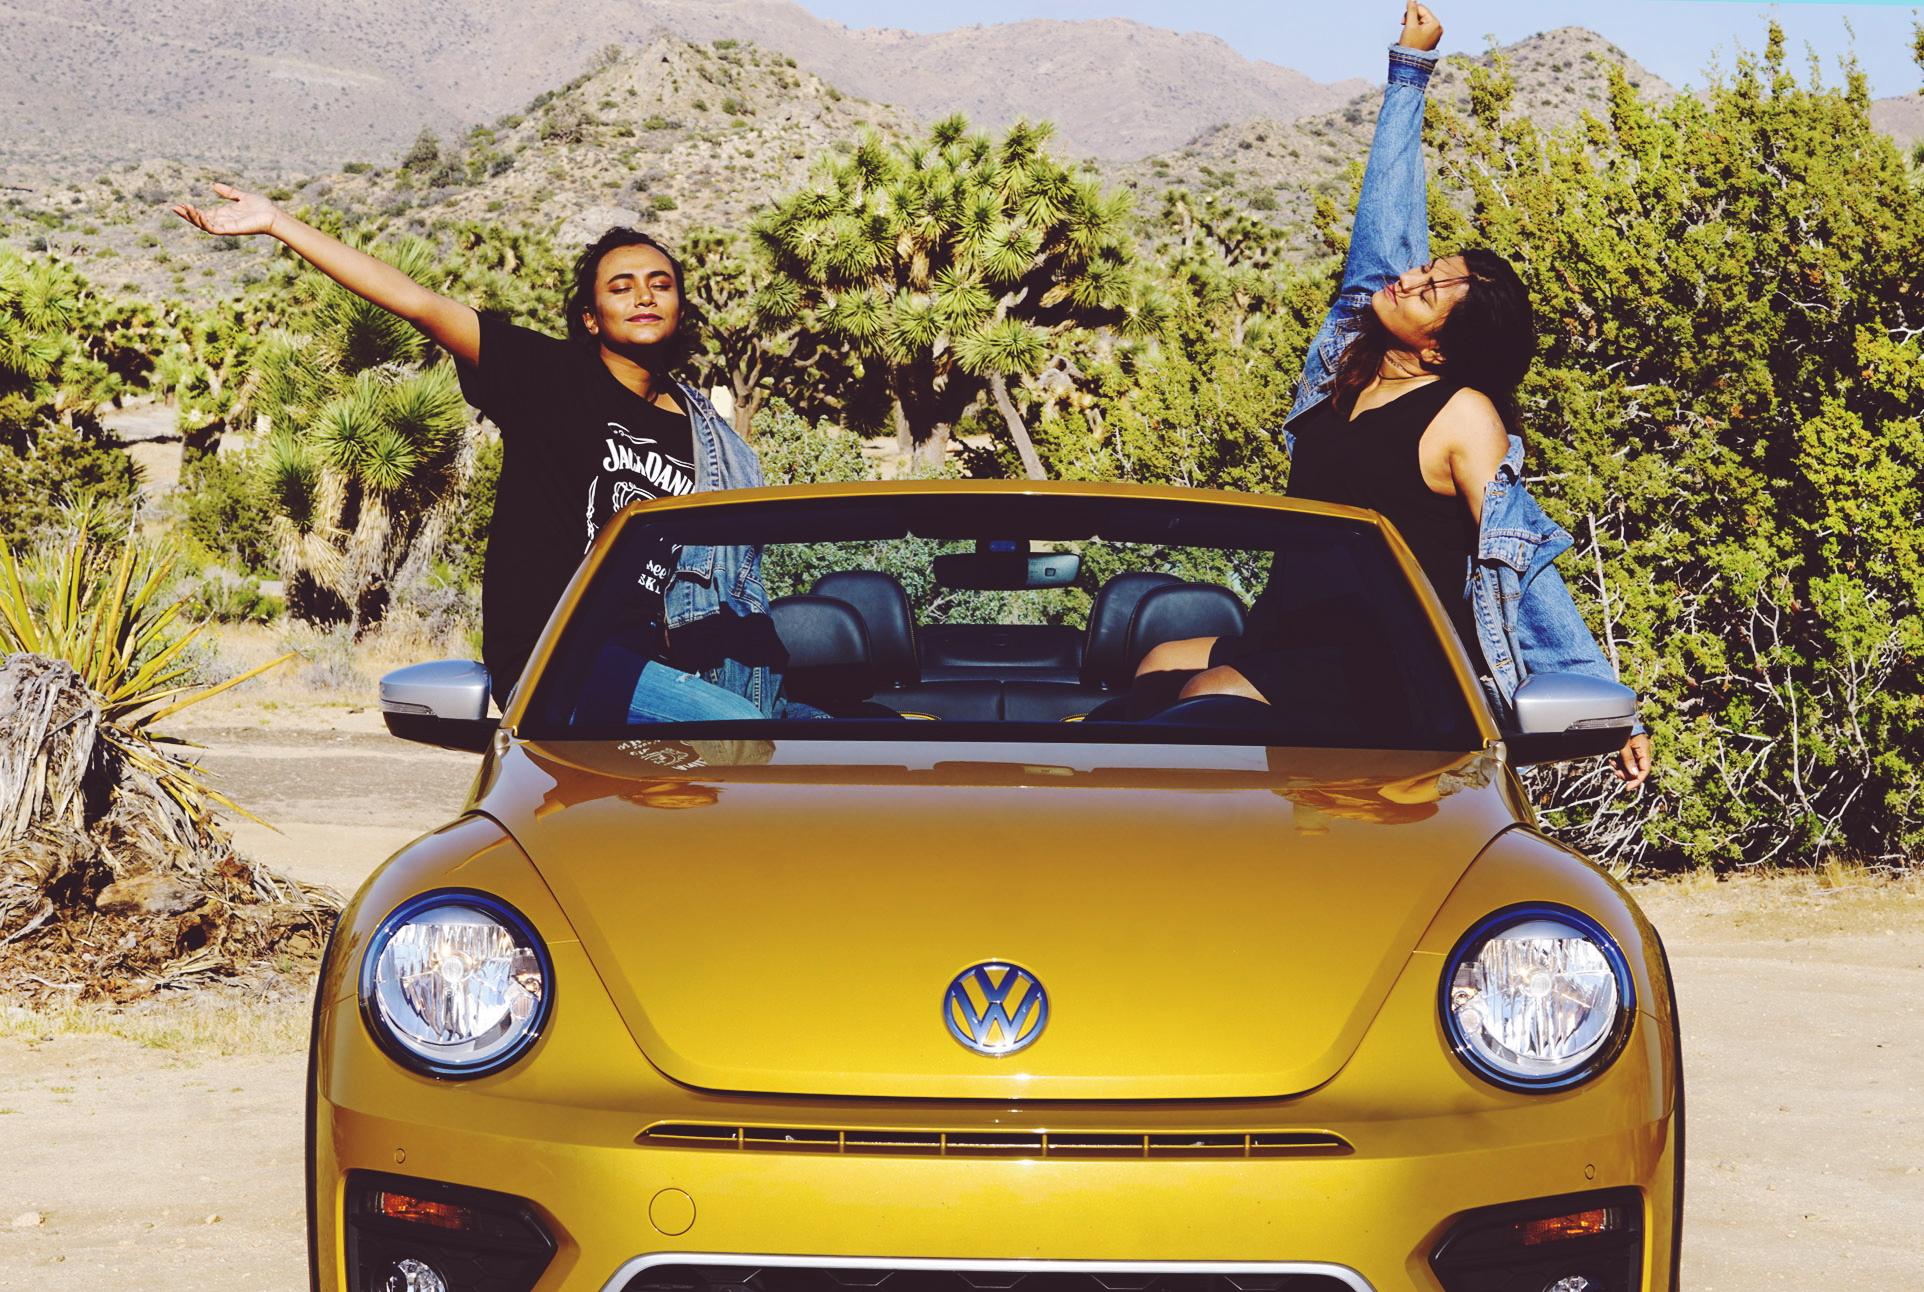 Sisters Road trip in California